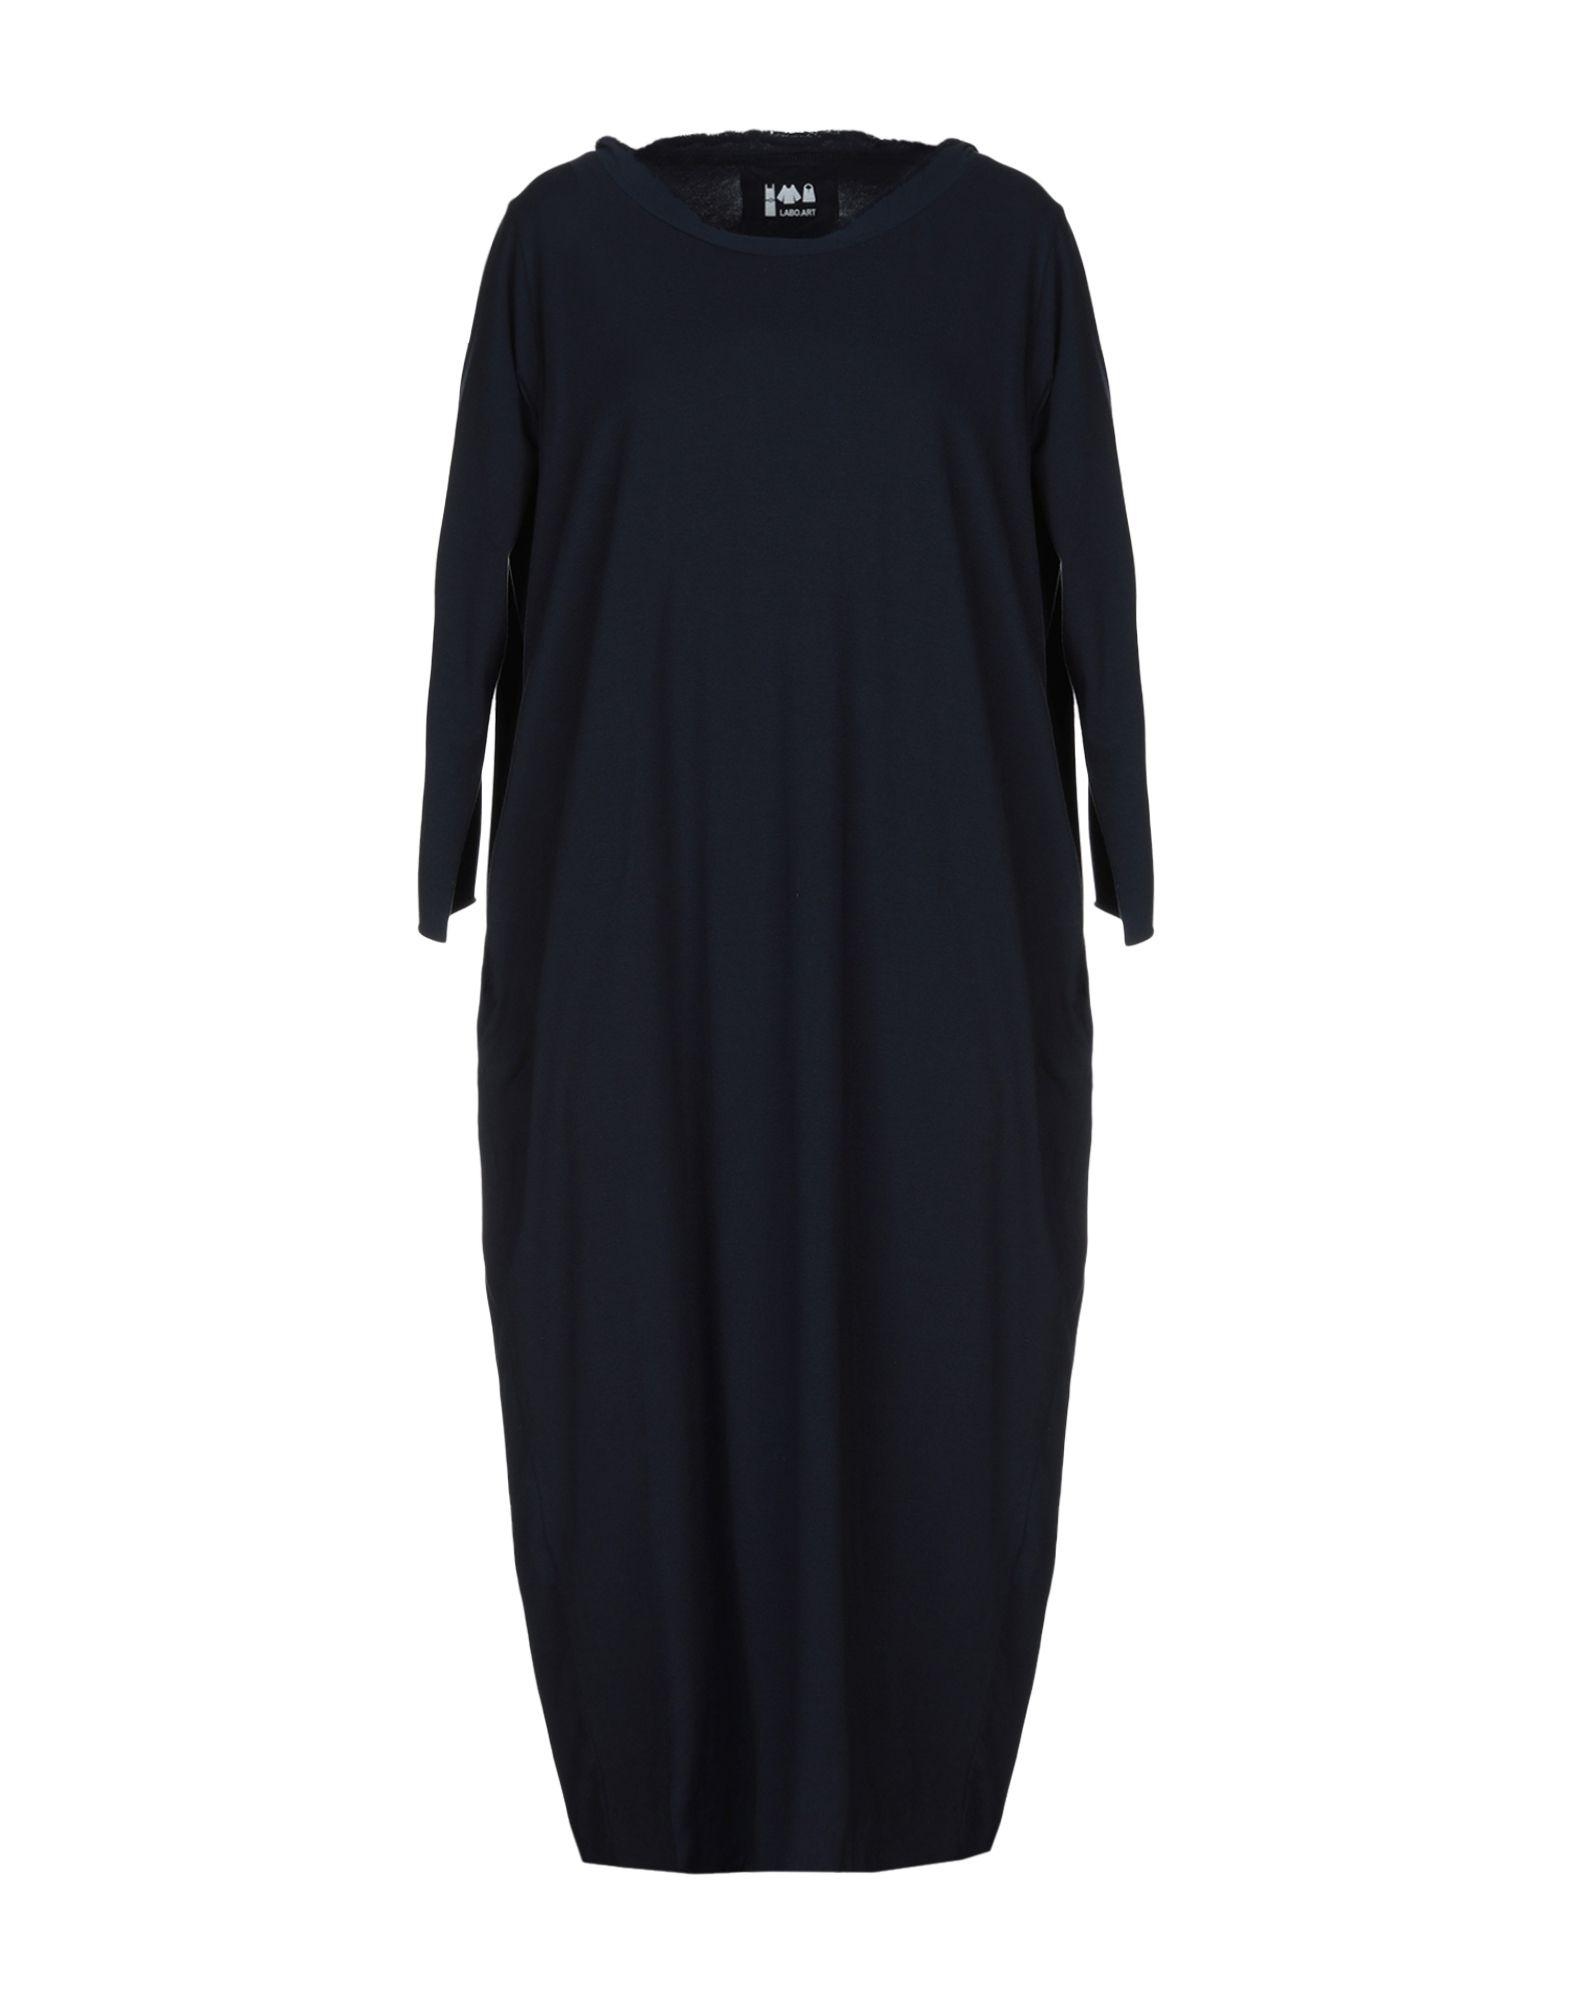 LABO.ART Платье длиной 3/4 revise платье длиной 3 4